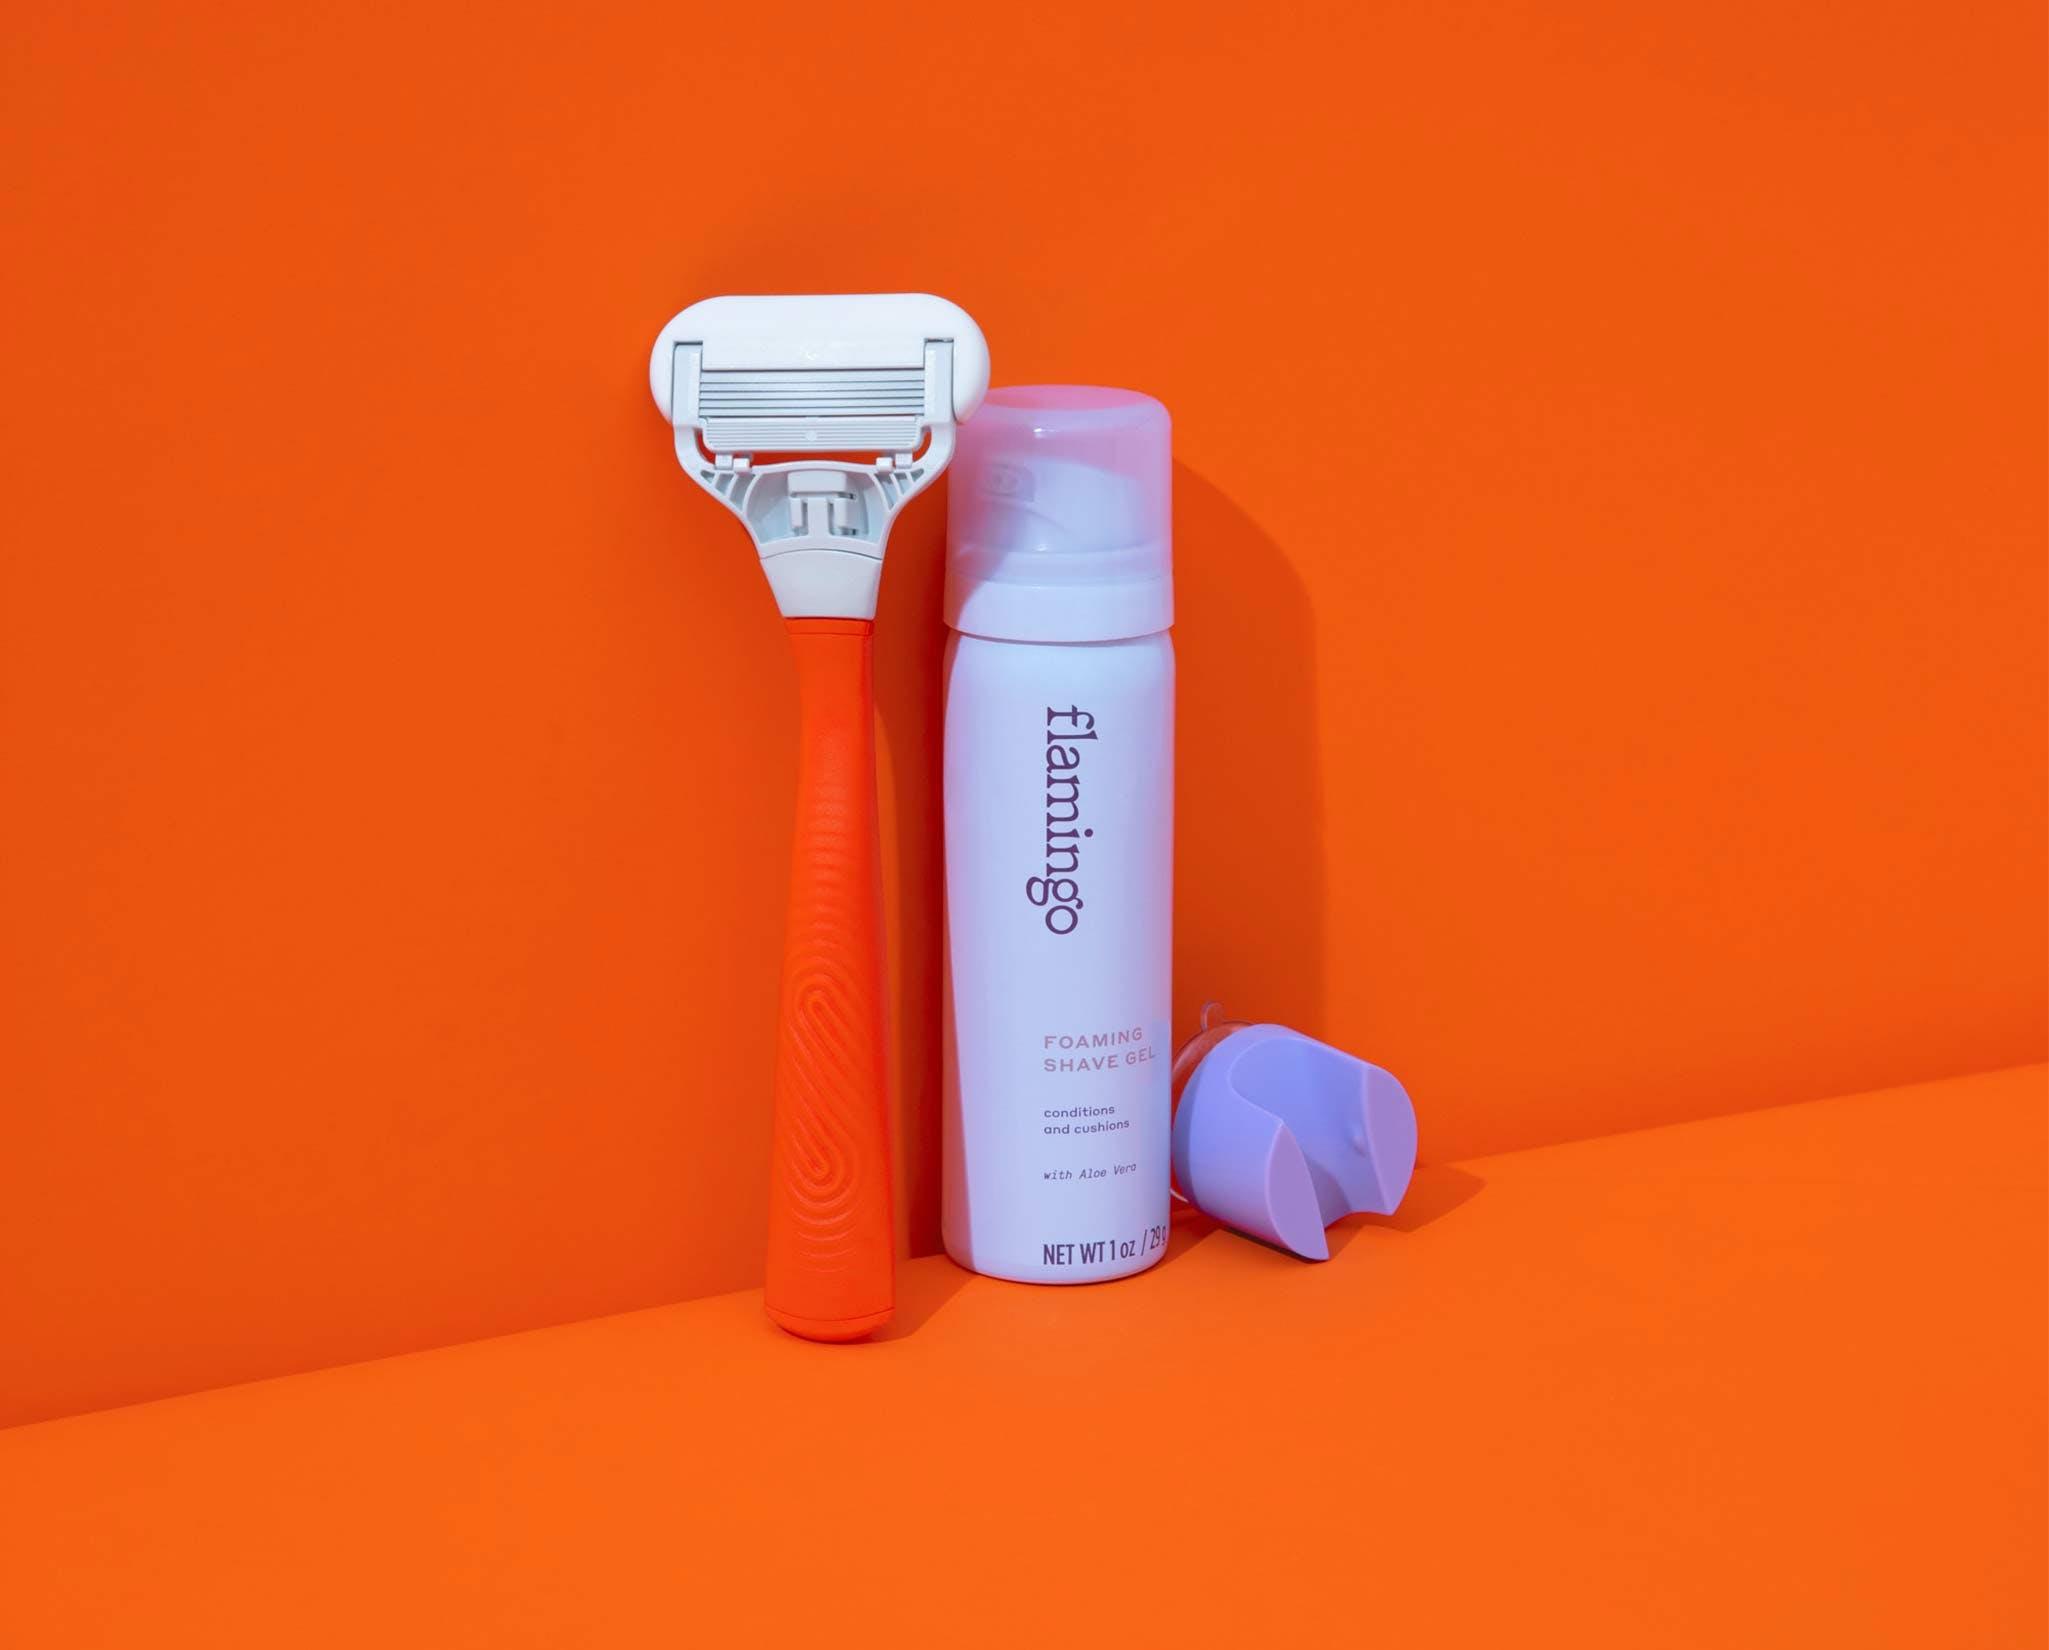 Razor, shave gel, and shower hook